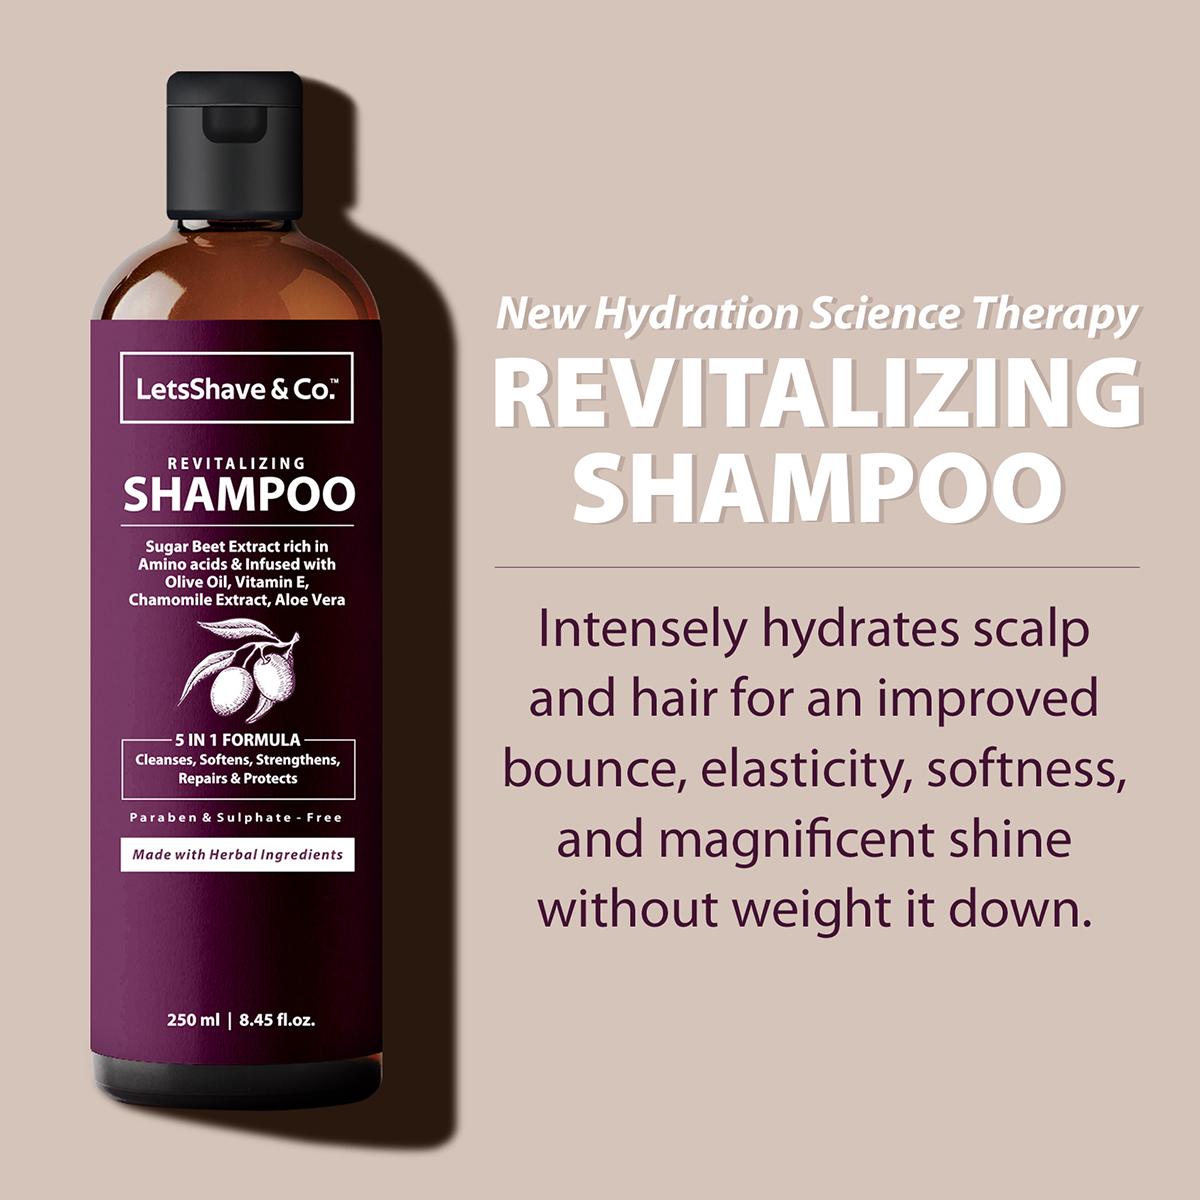 LetsShave   LetsShave Hydrating Shampoo - Smooth & Shiny Revitalization - 250 ml